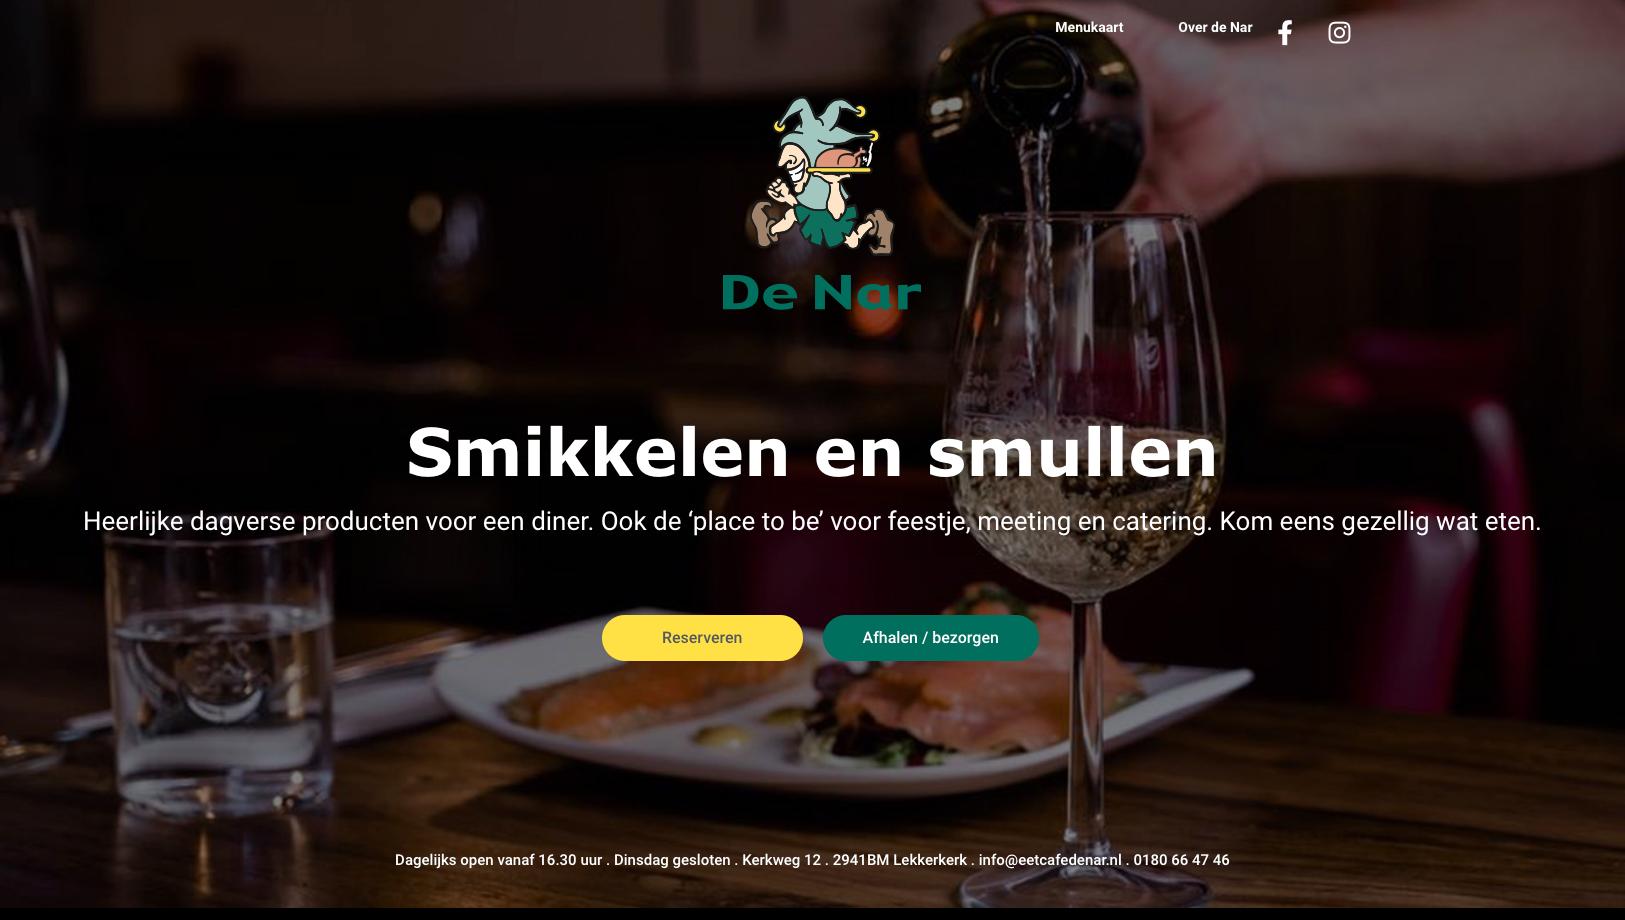 screencapture-eetcafedenar-nl-2020-07-30-14_32_11